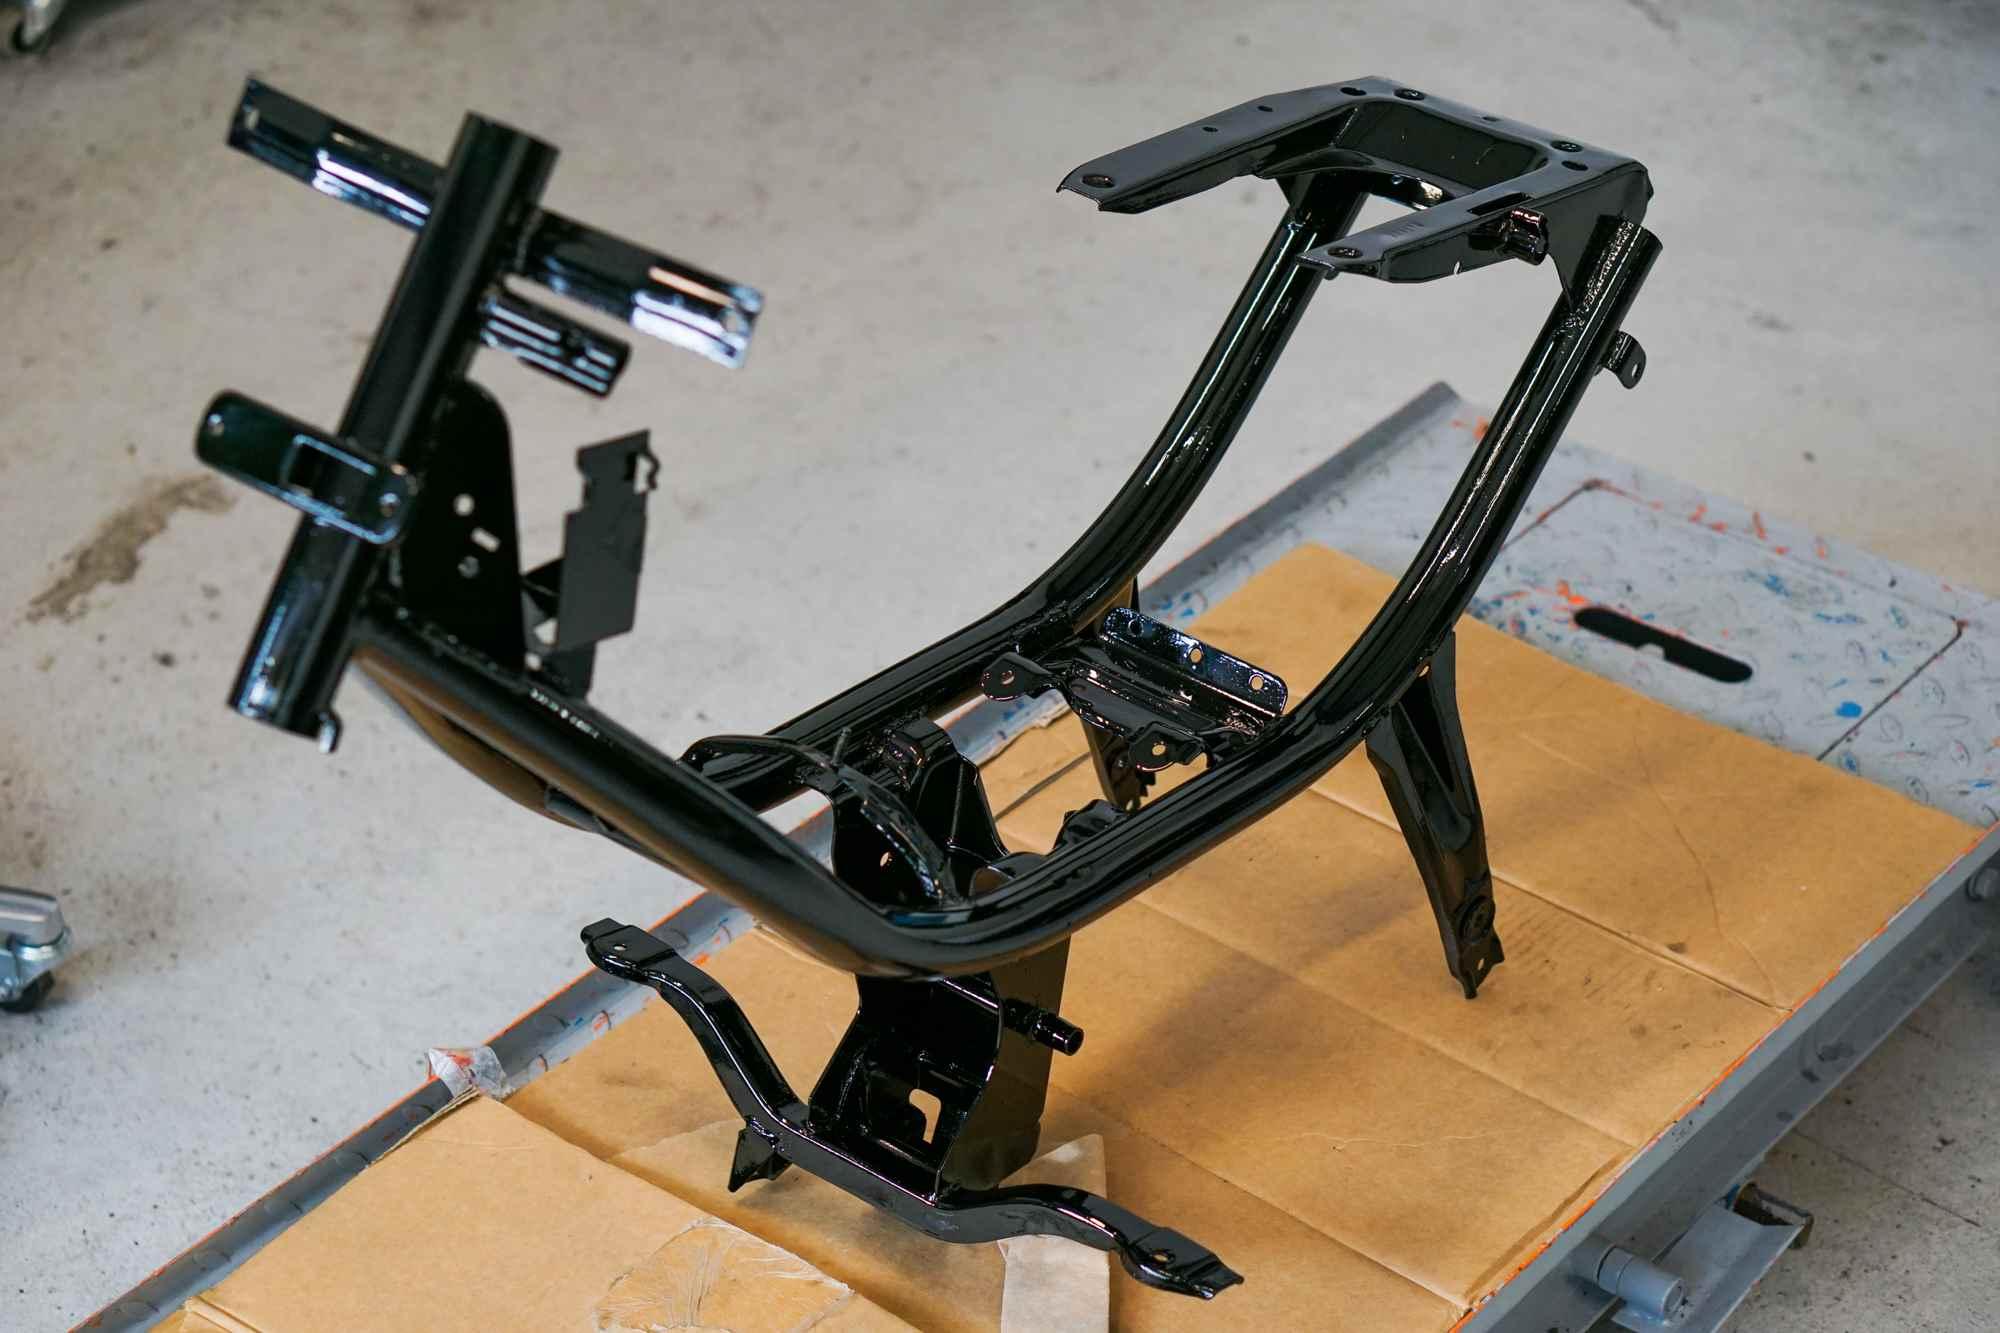 Rahmen Simson Schwalbe lackiert schwarz hochglanz